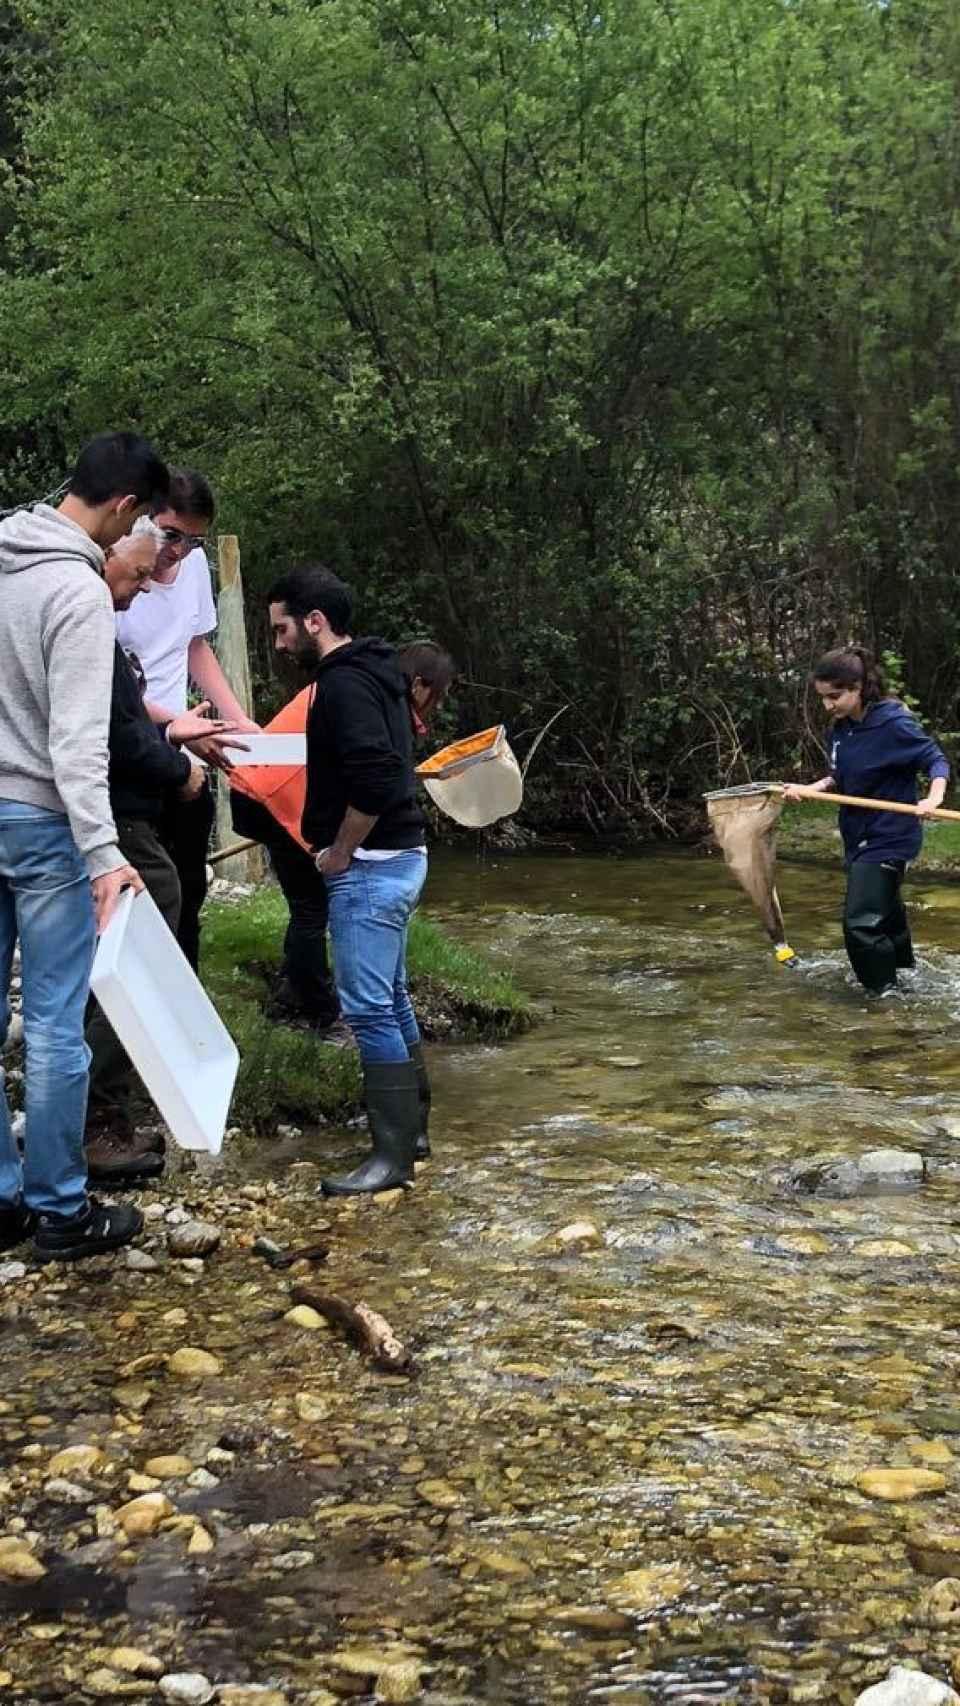 Alumnos de Ciencias Ambientales durante una salida al campo, actividad que consideran esencial.